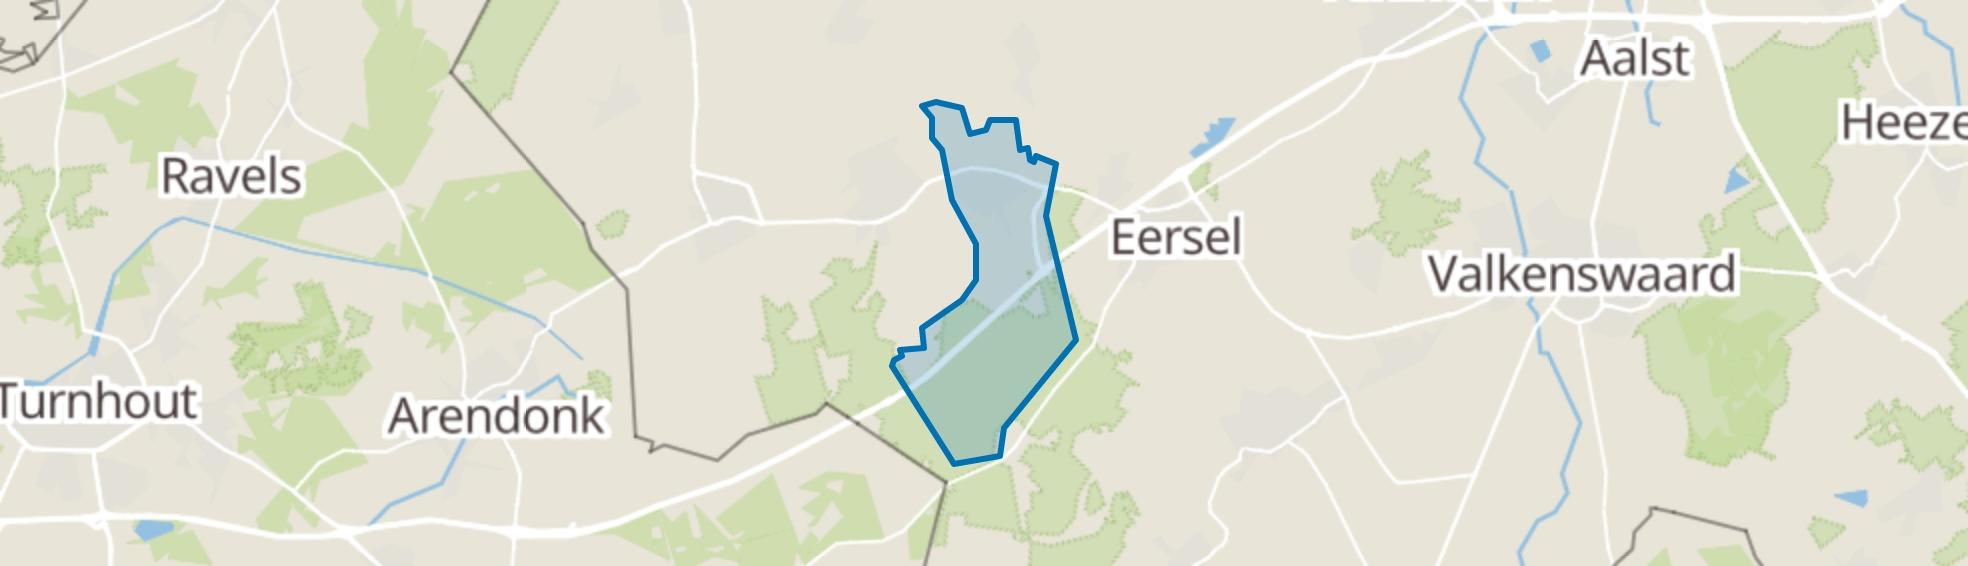 Hapert map